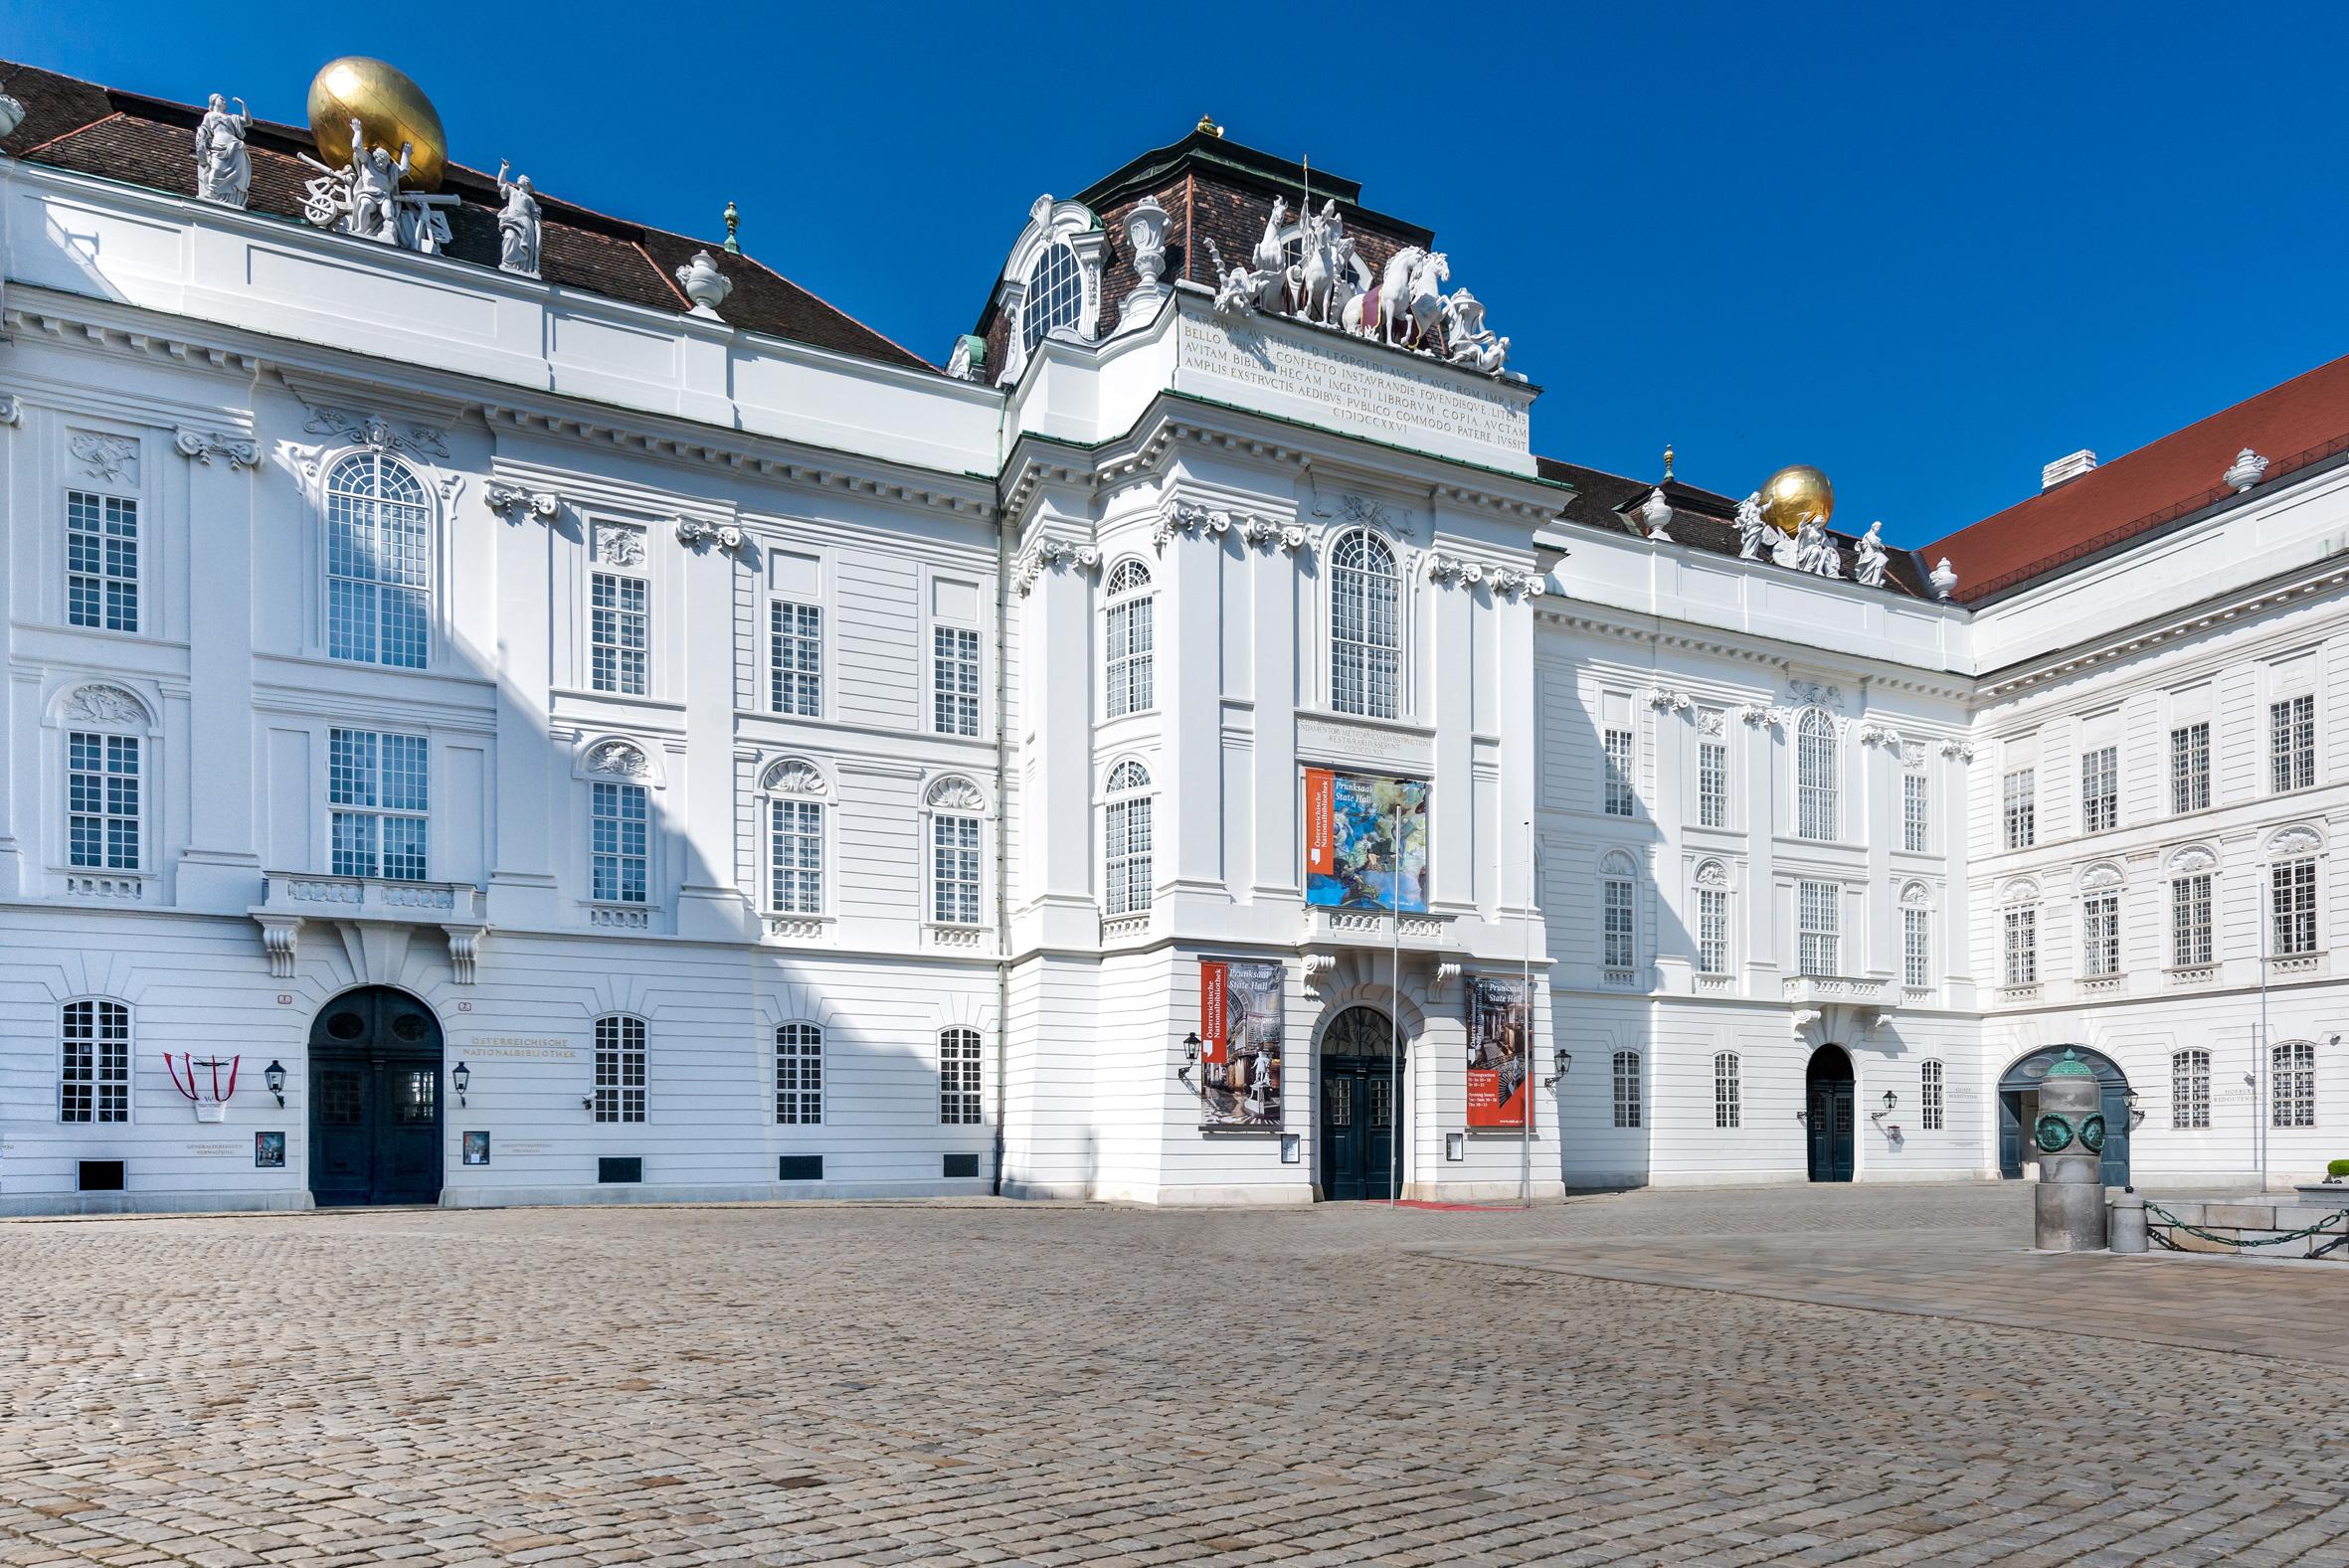 The Austrian National Library seen from Josefsplatz. © Österreichische Nationalbibliothek